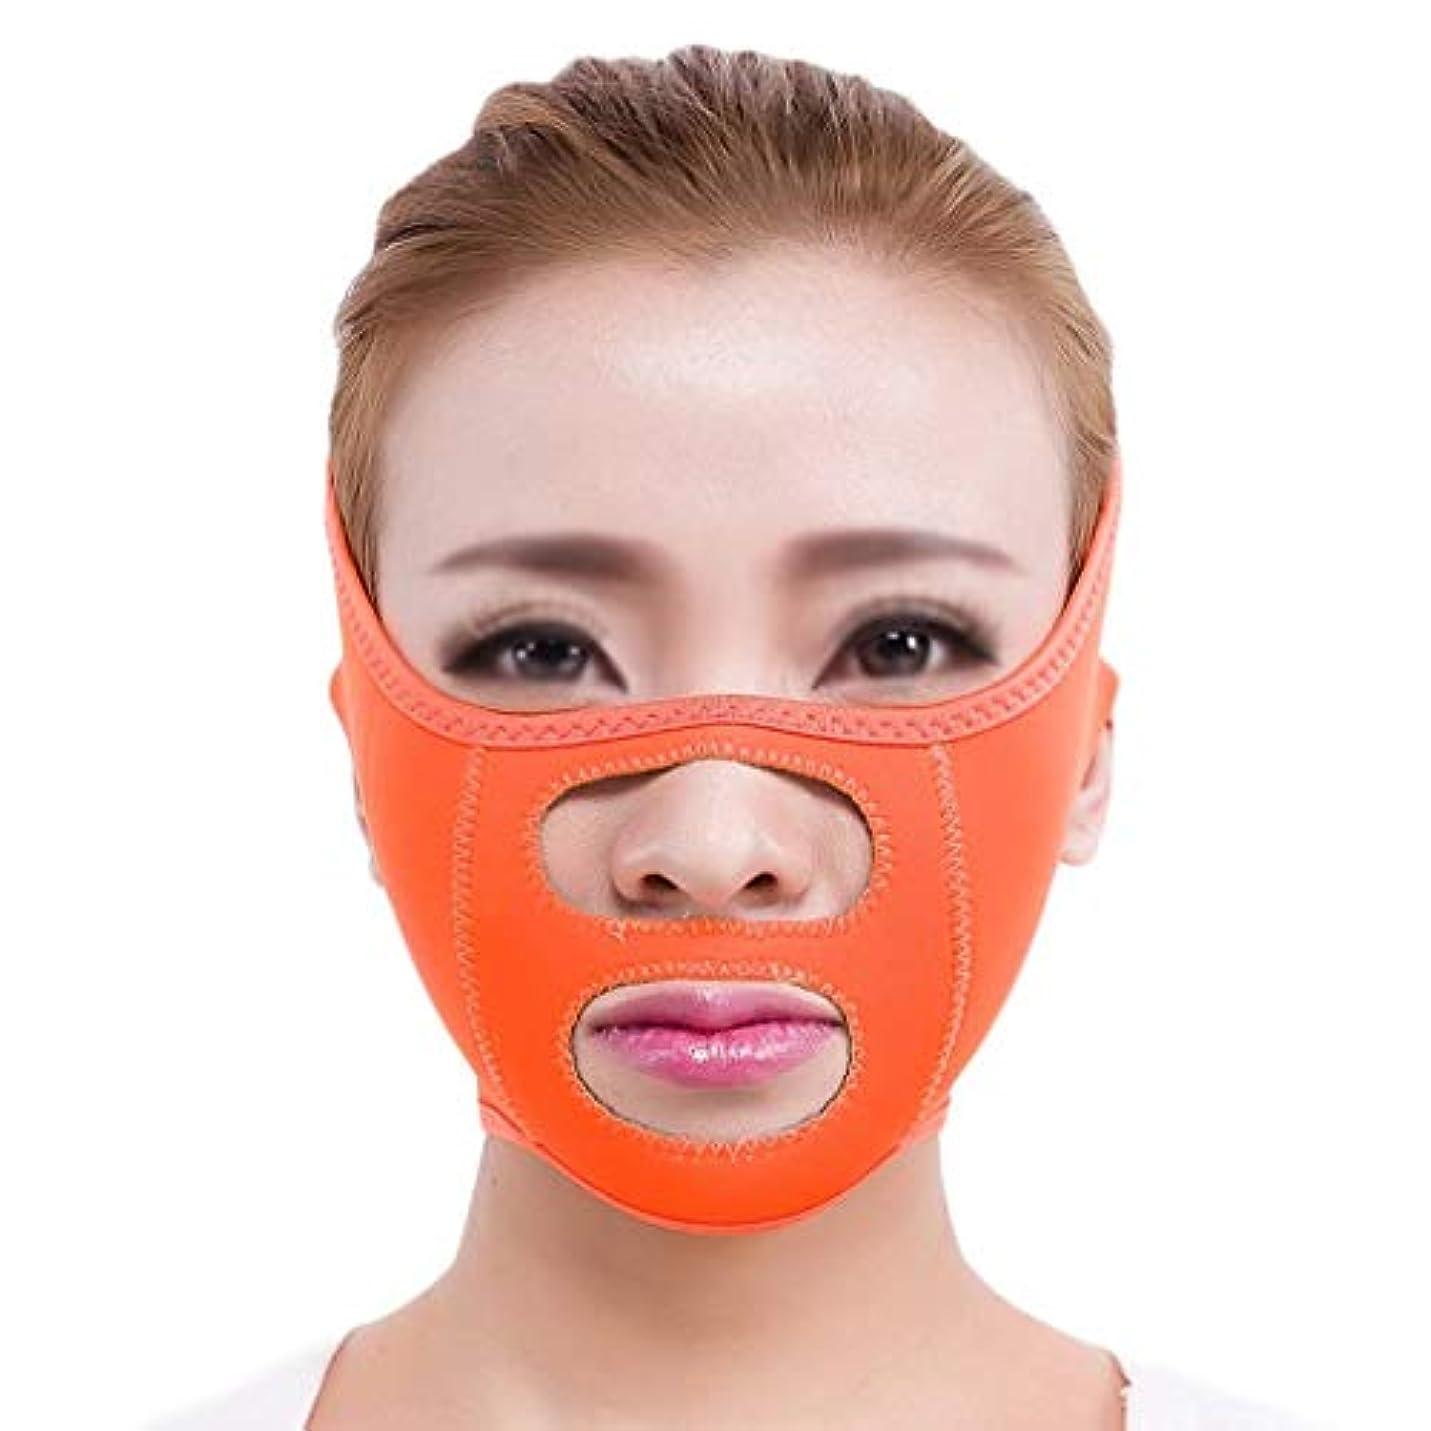 脅かすぬれた虚弱チンストラップ、フェイスリフティングマスク、ダブルチン、フェイスリフティングに最適、リフティングフェイシャルスキン、フェイシャル減量マスク、フェイスリフティングベルト(フリーサイズ)(カラー:ブルー),オレンジ